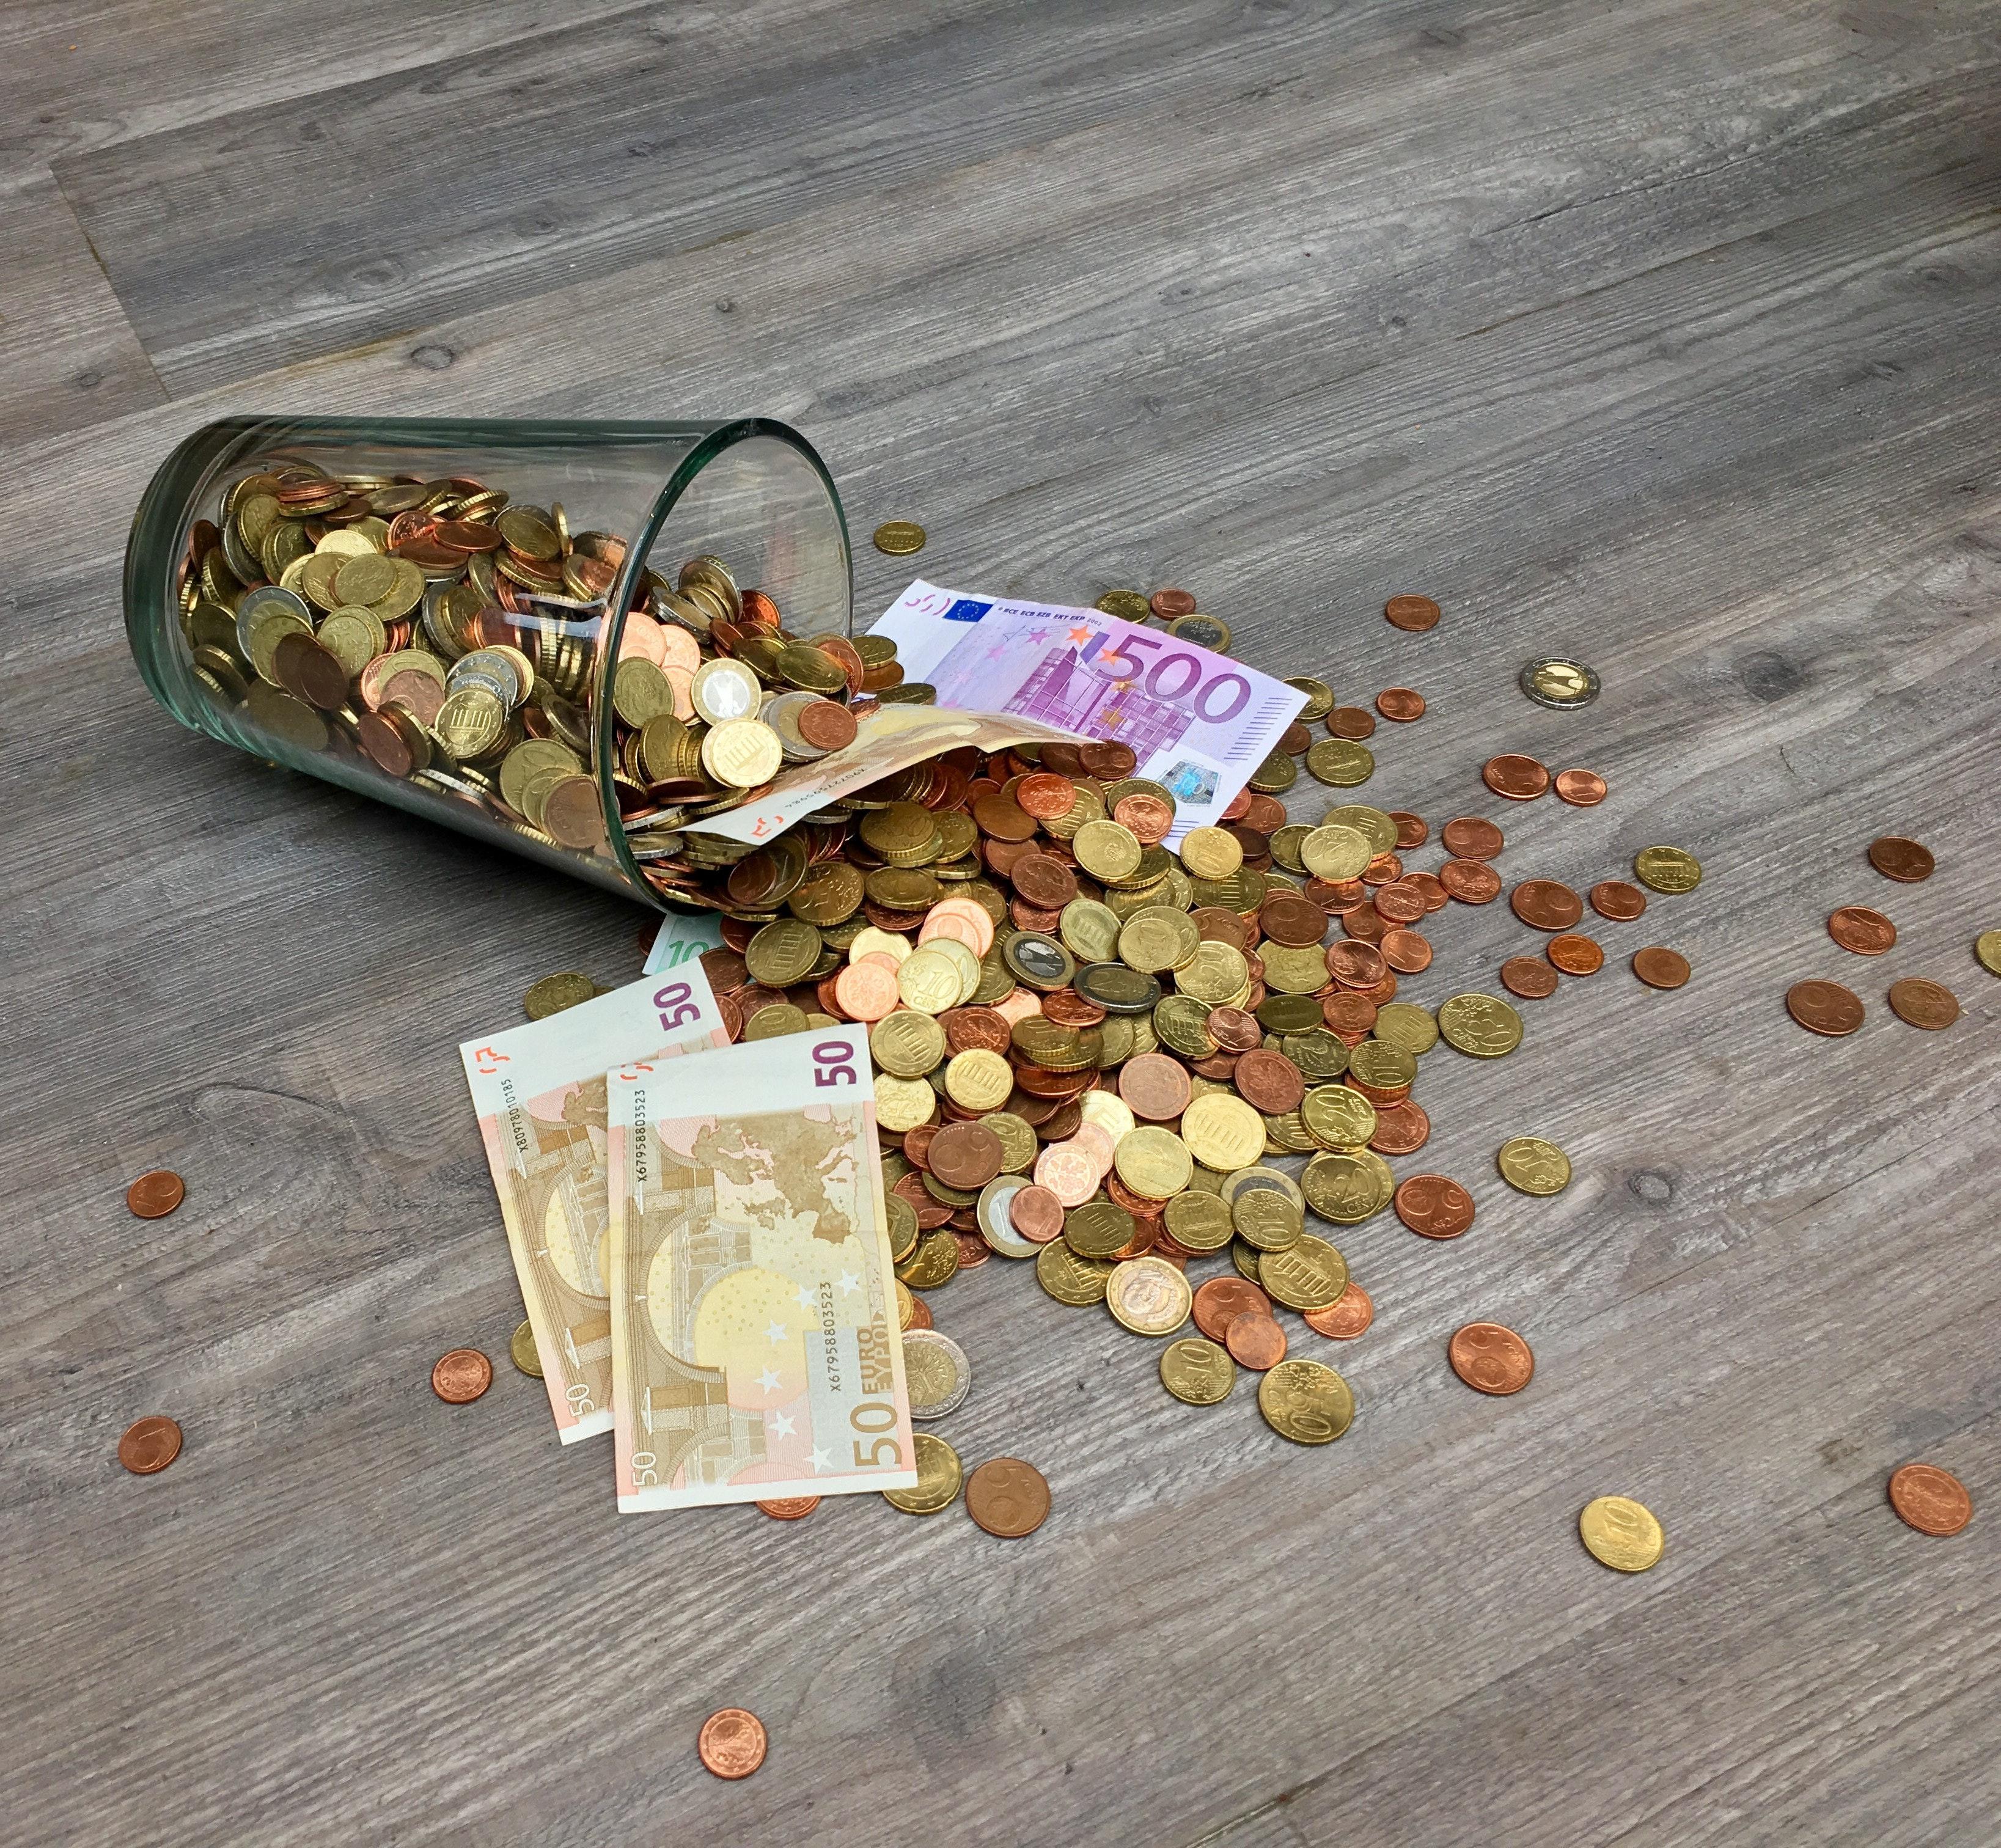 Hvorfor giver man drikkepenge